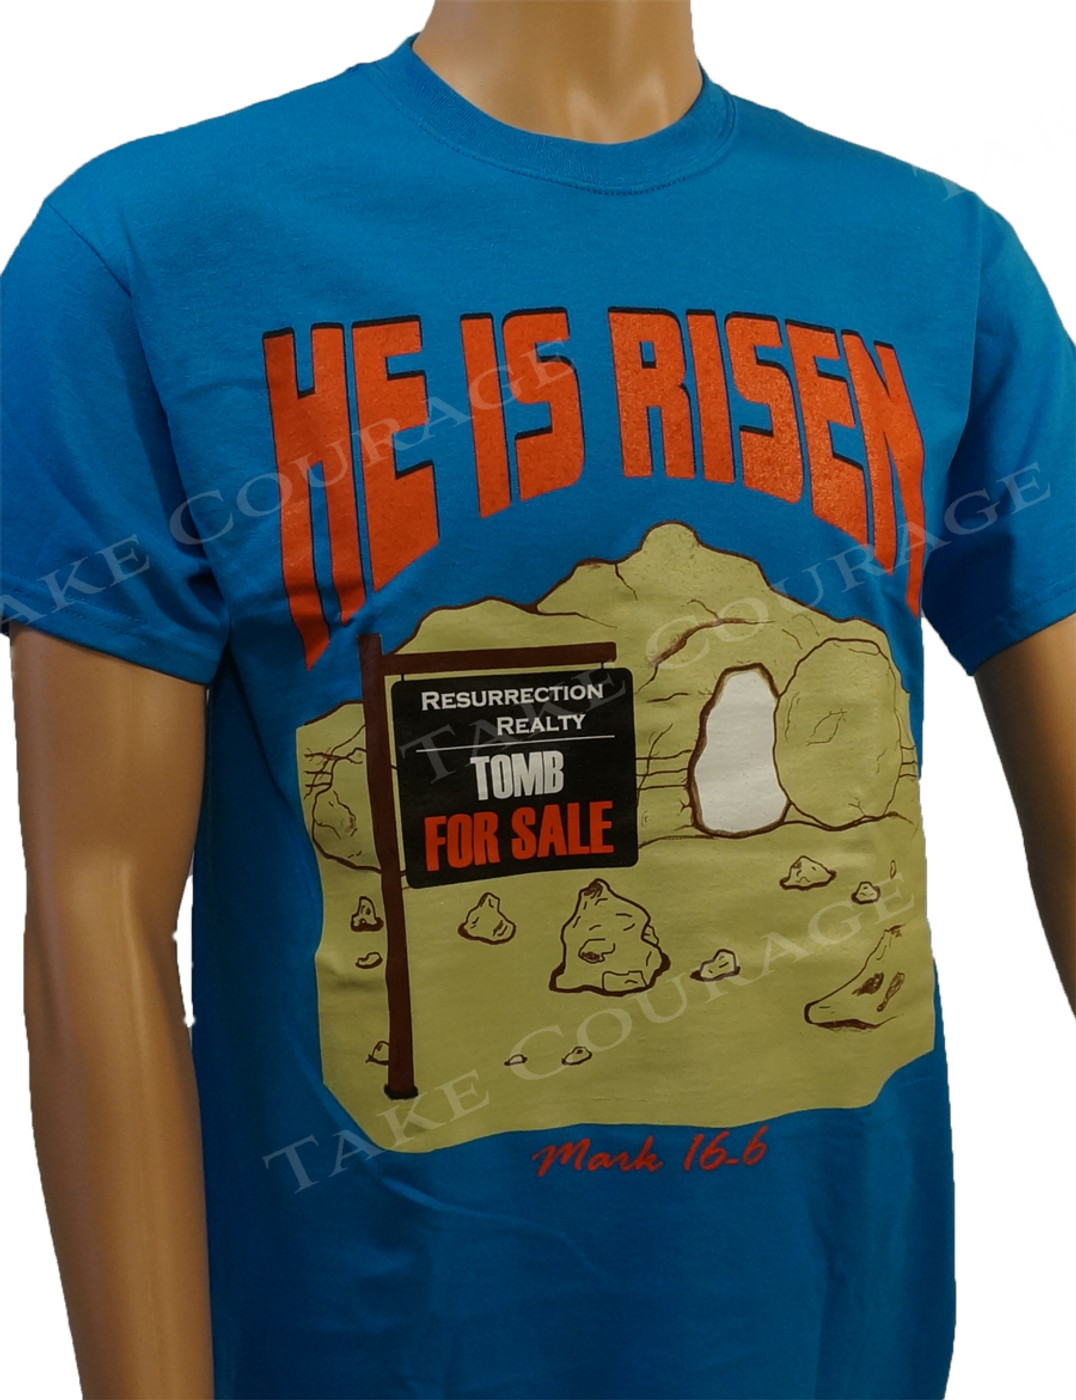 HE is Risen - Christian Shirt - Blue